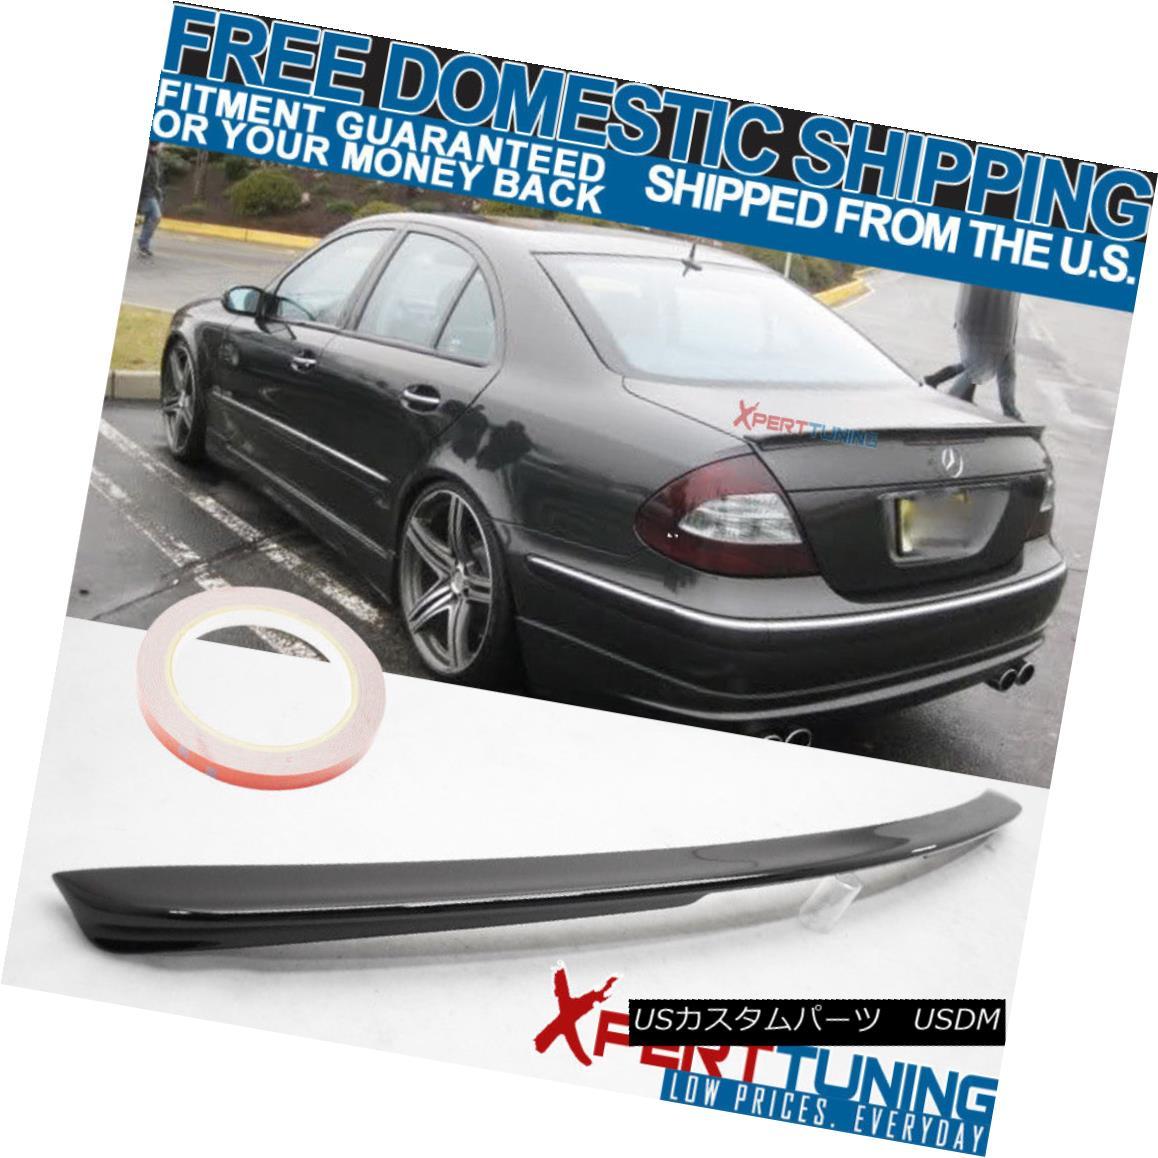 エアロパーツ FIT For 03-09 Benz E-Class W211 AMG Trunk Spoiler Painted Obsidian Black #197 FIT for 03-09ベンツEクラスW211 AMGトランク・スポイラー・ペイント・オブシディアン・ブラック#197